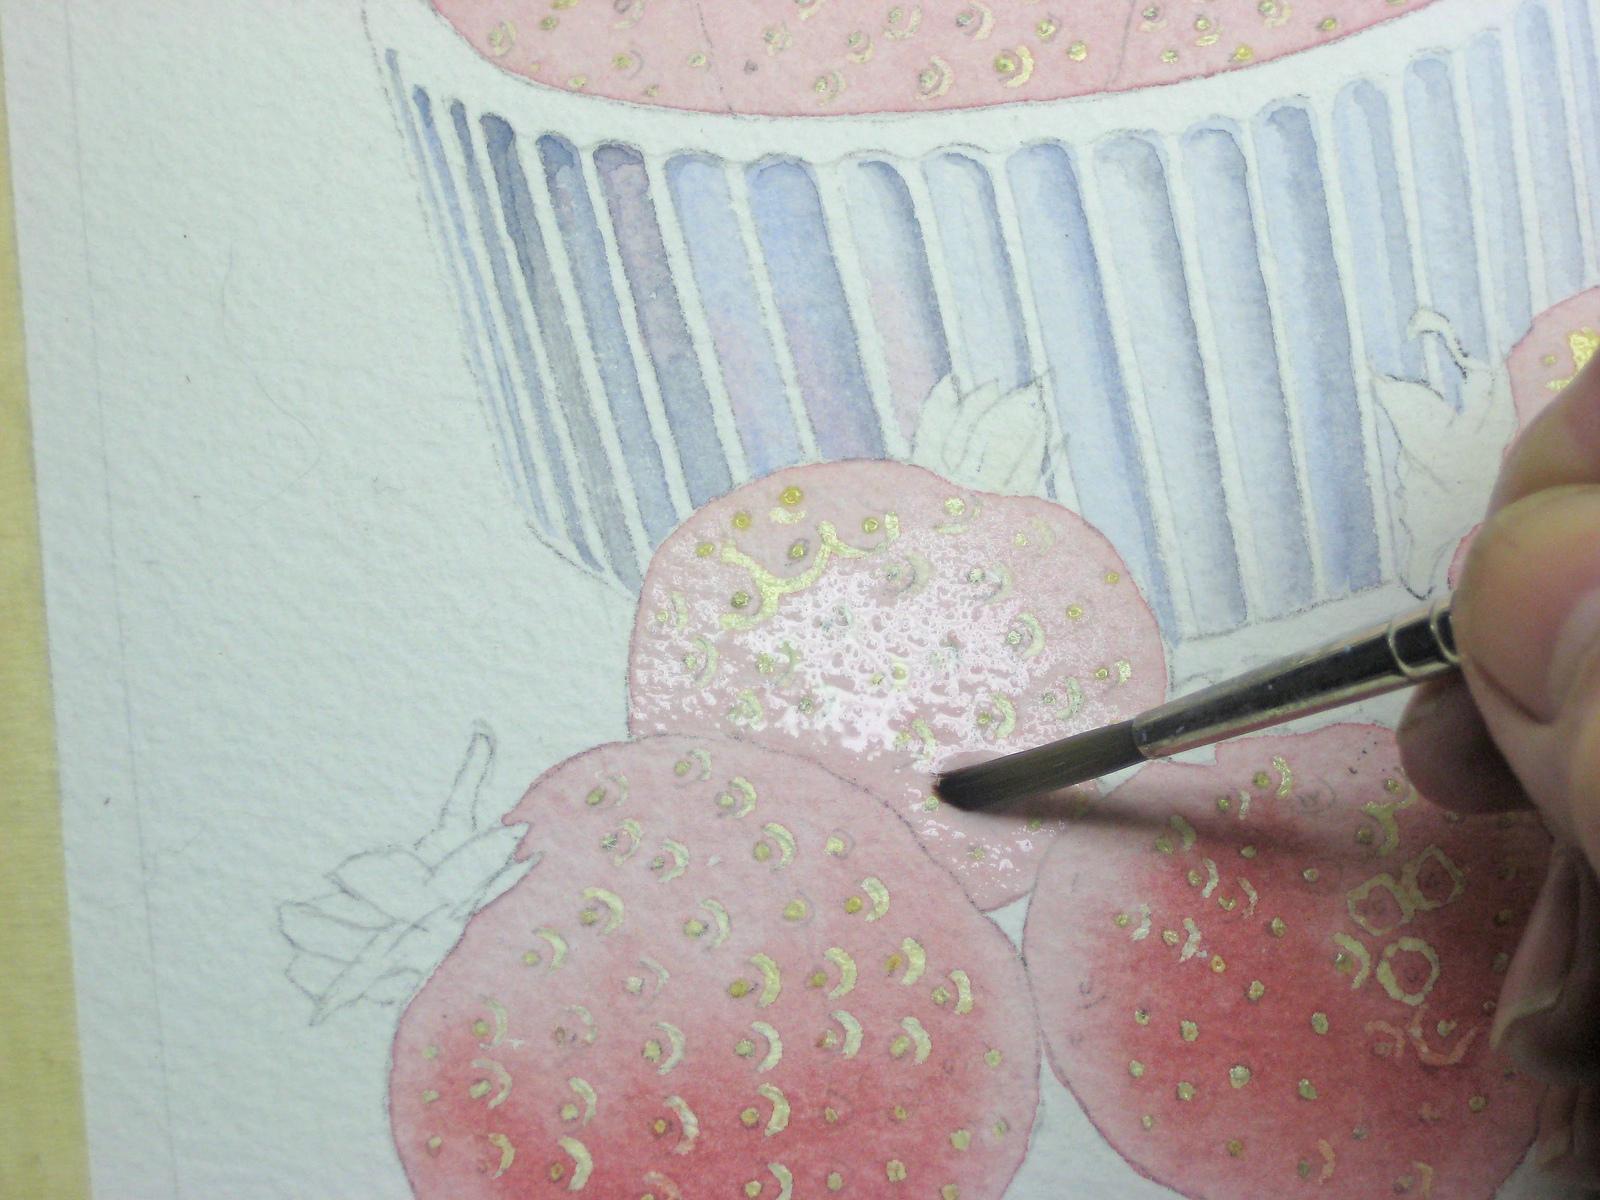 erdbeeren malen fr chte malen obst malen mit aquarellfarben malen teil 2 john fisher wie malt. Black Bedroom Furniture Sets. Home Design Ideas